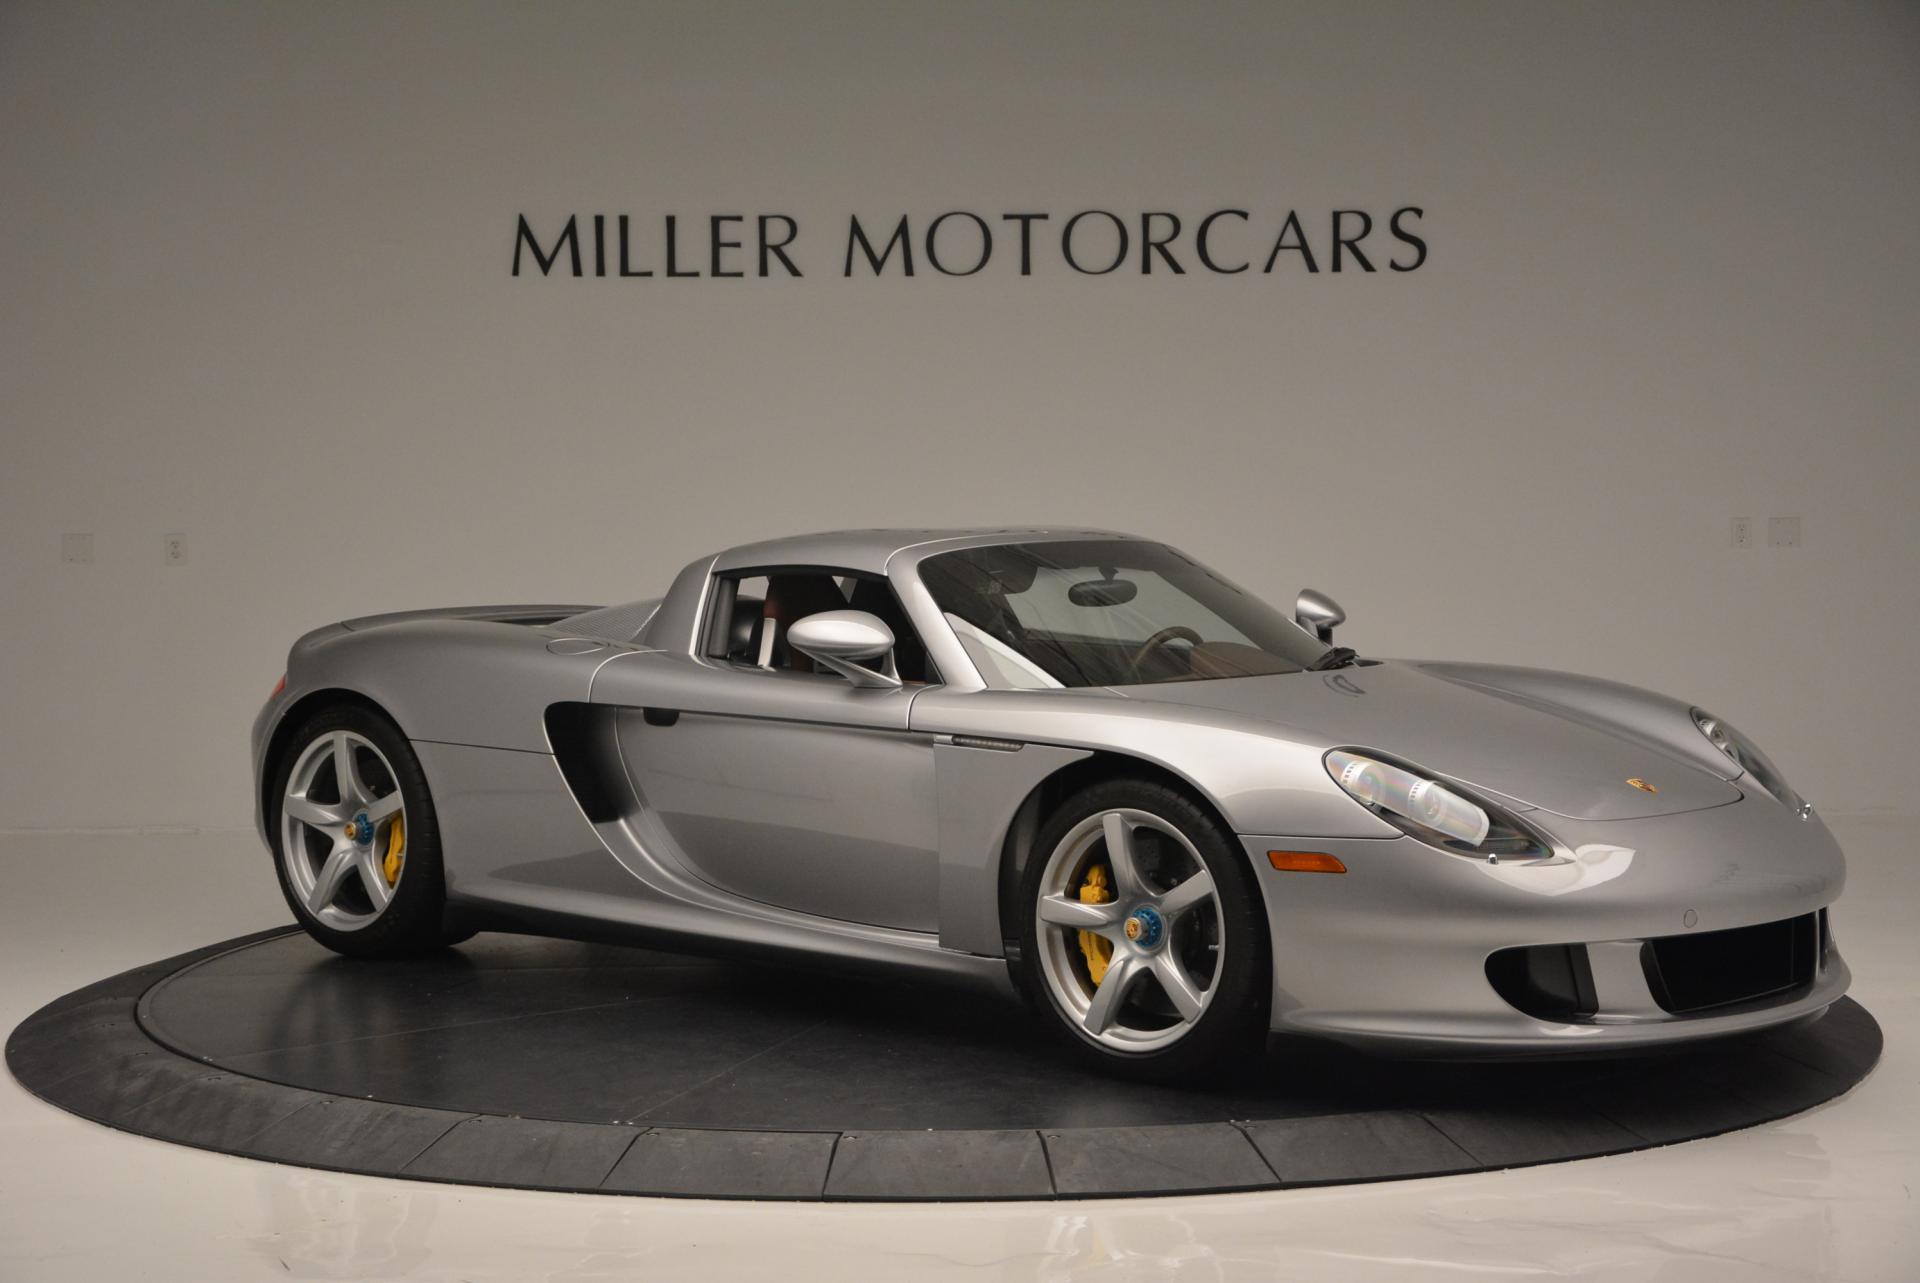 Used 2005 Porsche Carrera GT  For Sale In Greenwich, CT. Alfa Romeo of Greenwich, 7114 108_p15